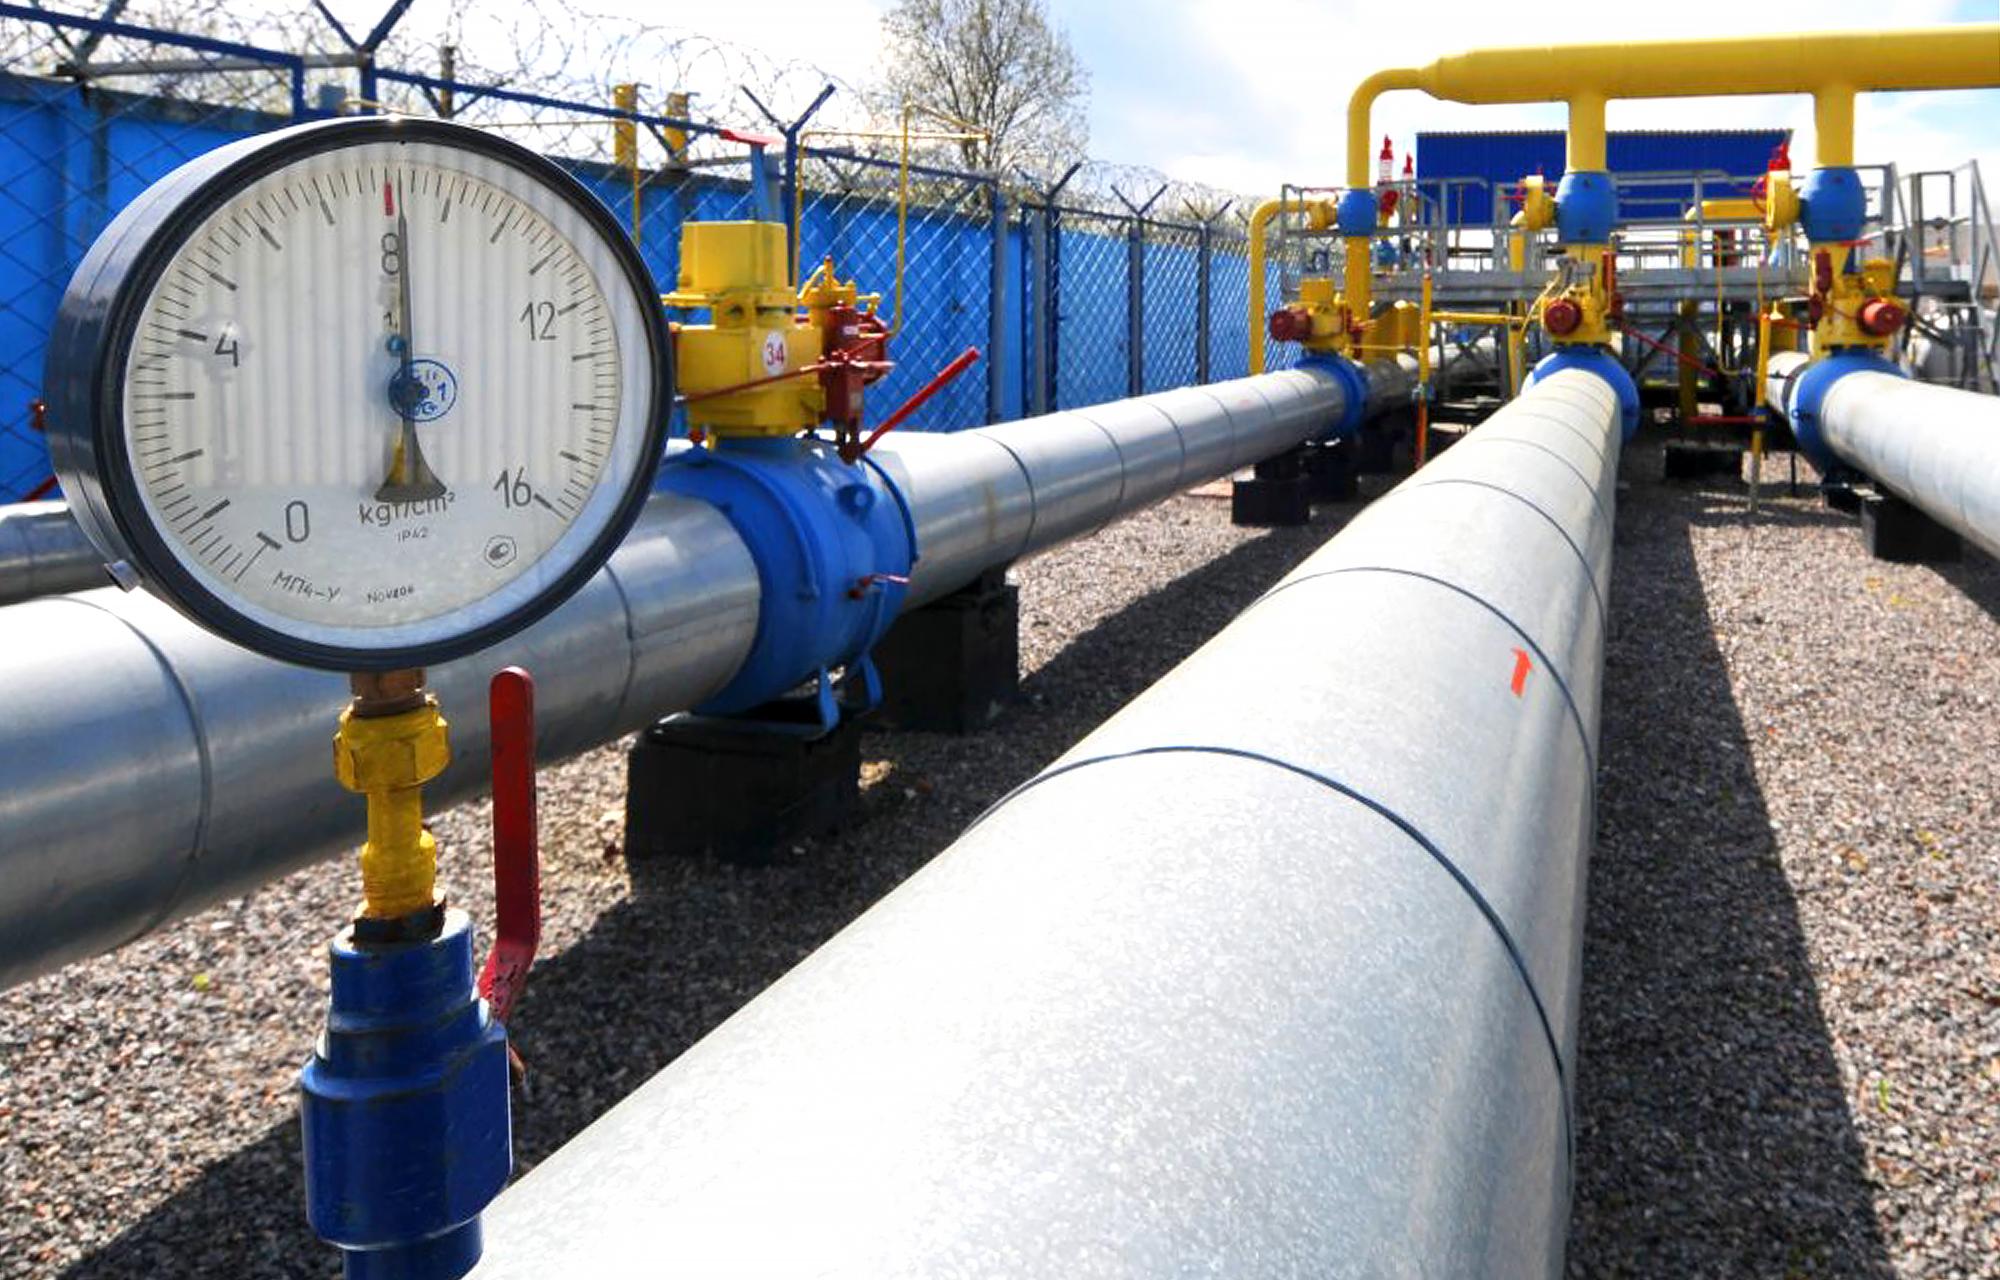 В Тверской области подготовили документацию для строительства газовых сетей в райцентрах юго-запада и северо-востока - новости Афанасий